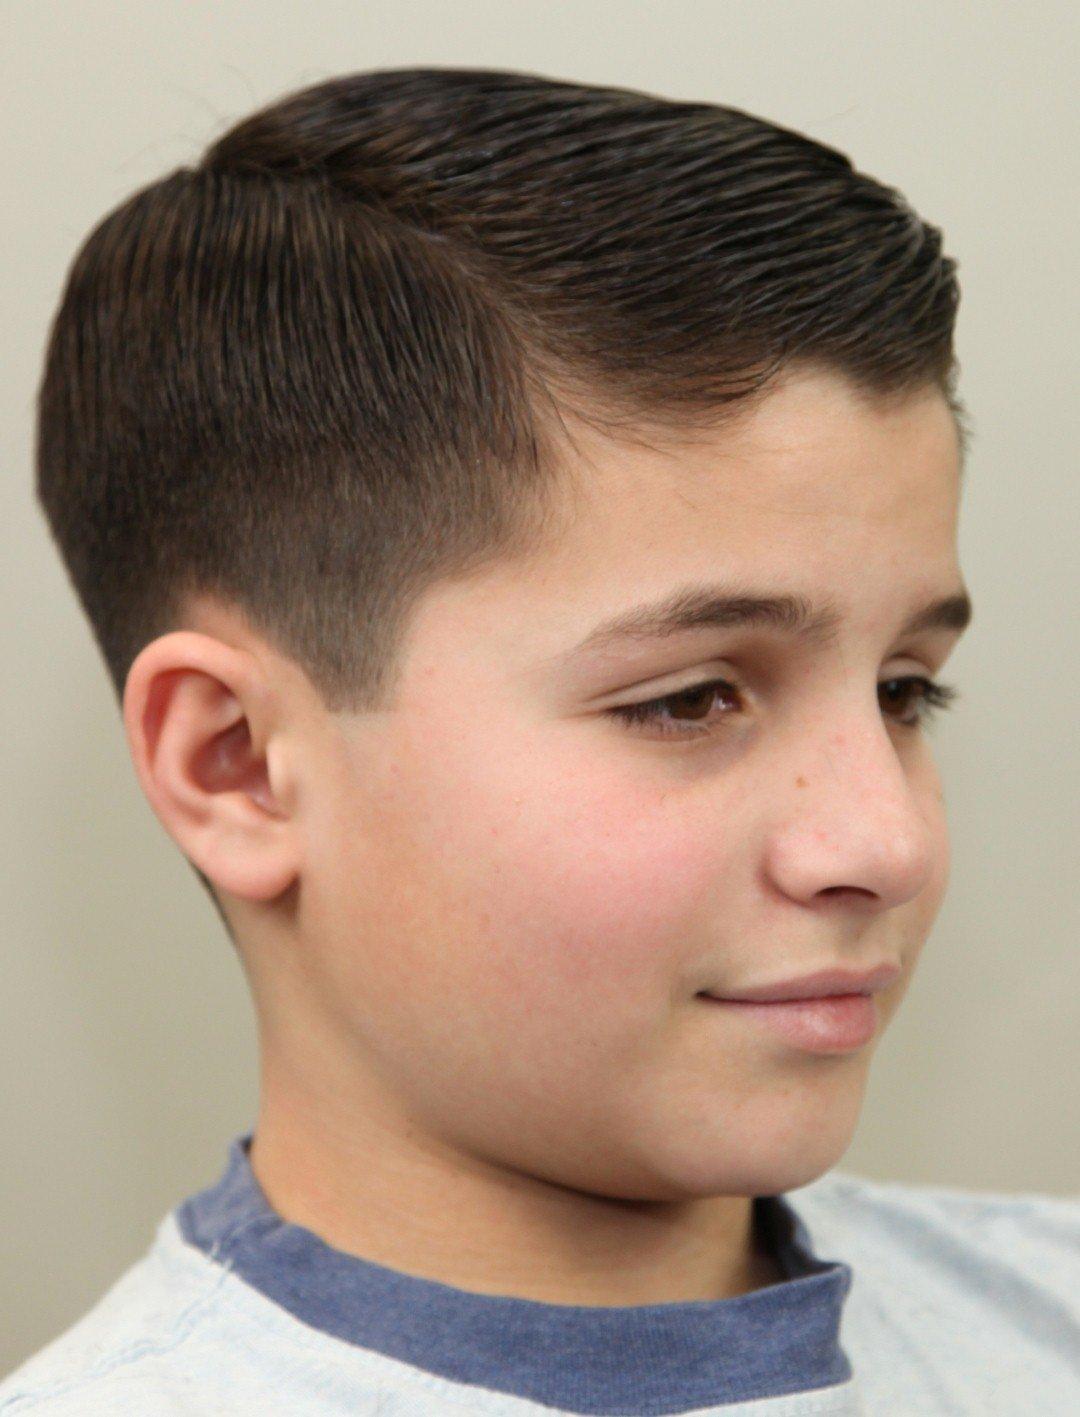 Причёски для мальчиков с средними волосами